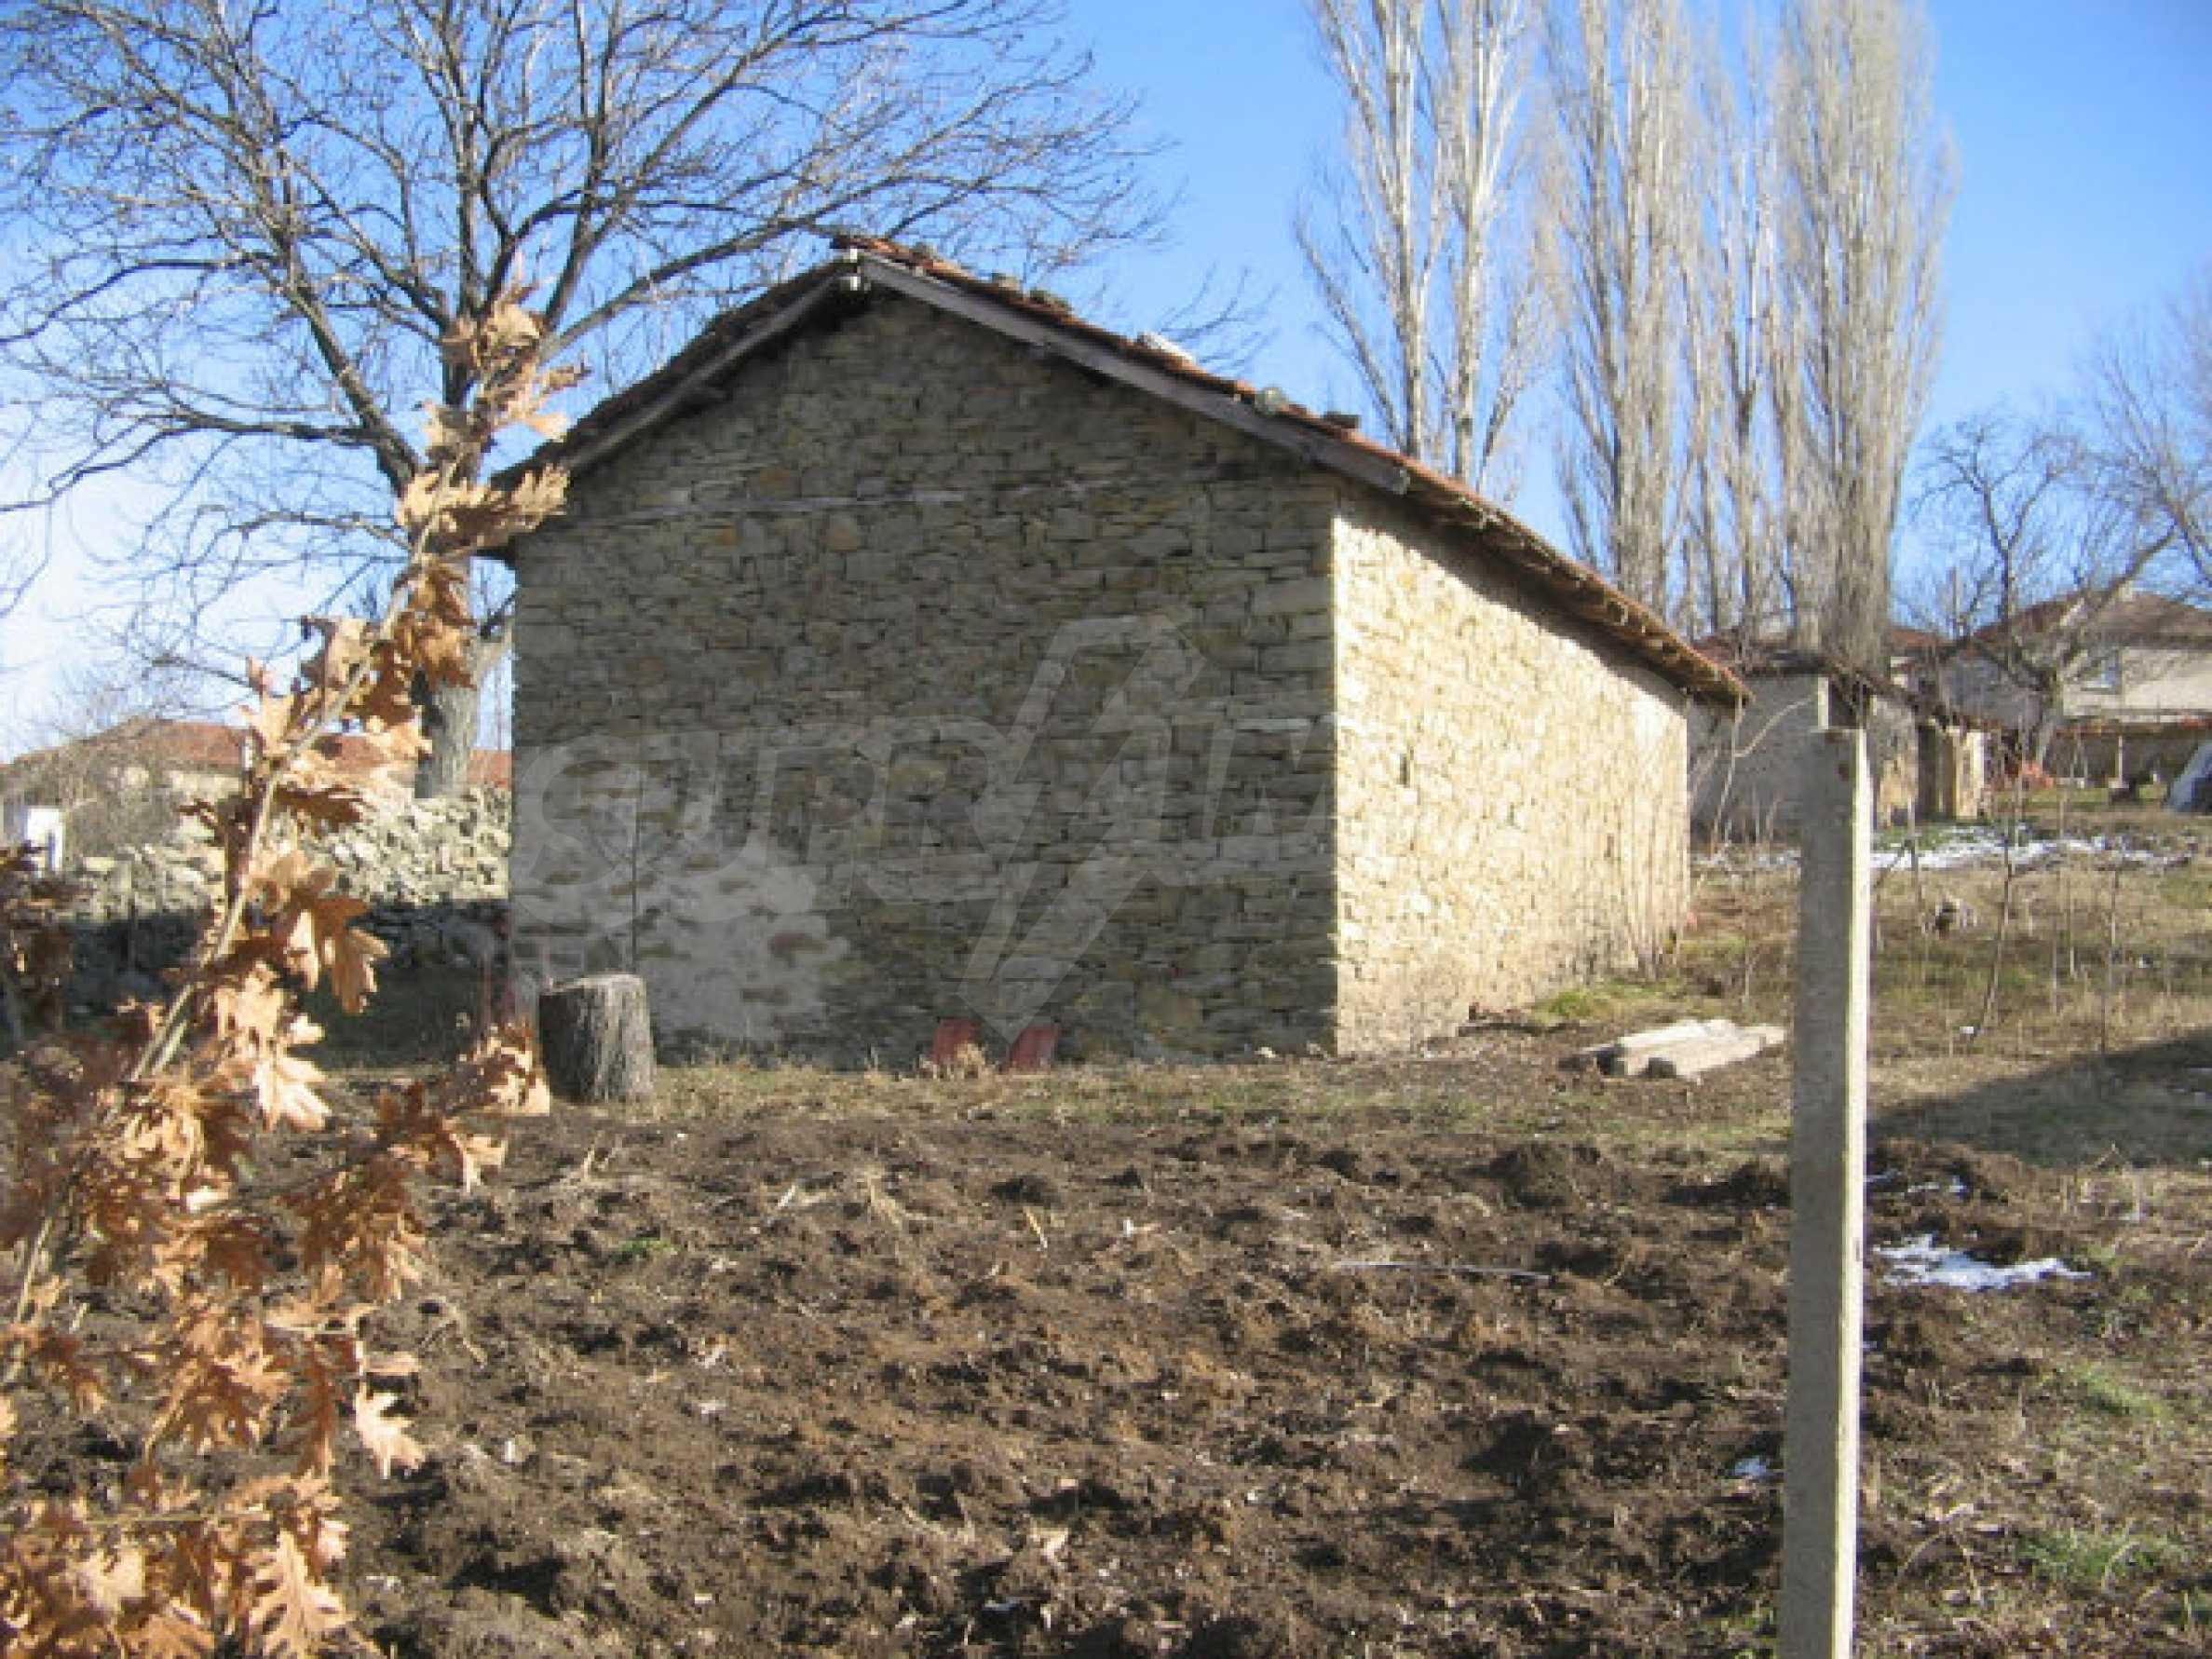 Ein Grundstück zum Verkauf in einem Dorf 32 km von Kardjali entfernt 7